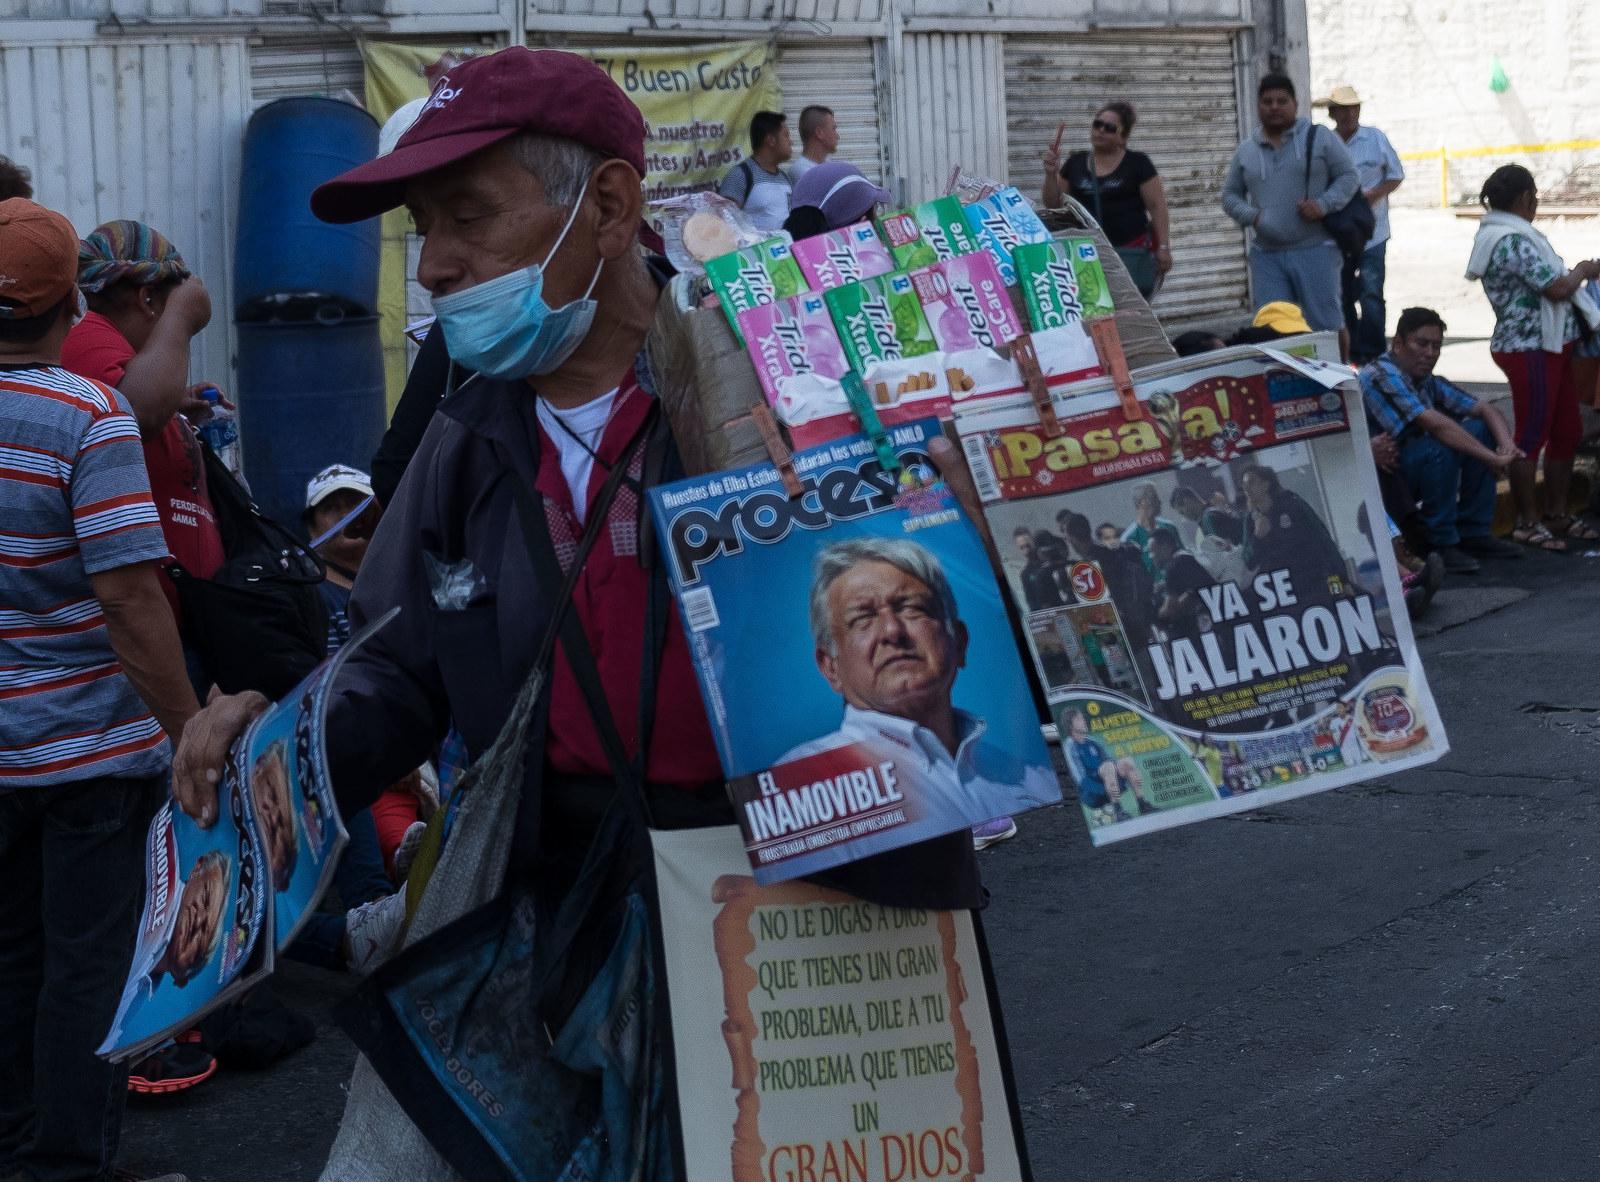 La publicidad oficial es apenas una parte del problema de control de los medios en México, en Buzzfeed News México